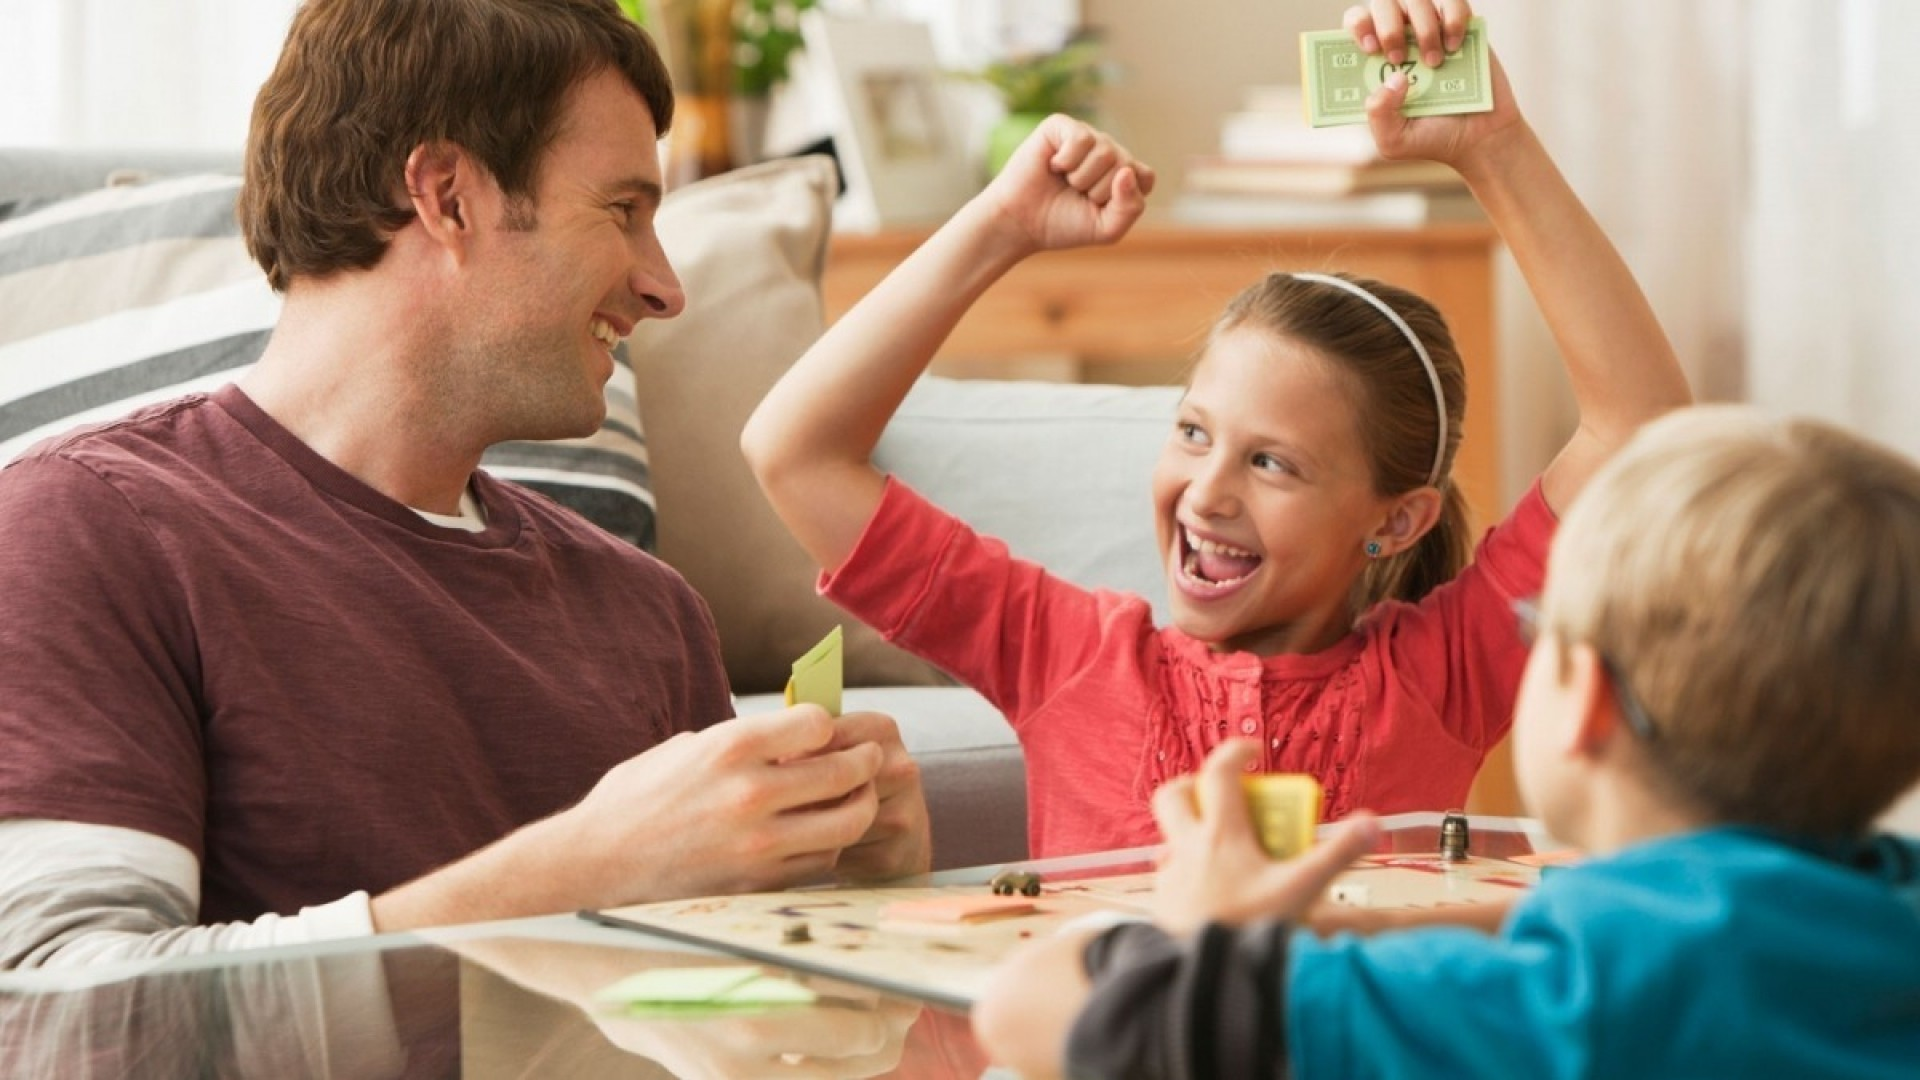 4 полезные настольные игры для детей от 6 до 12 лет